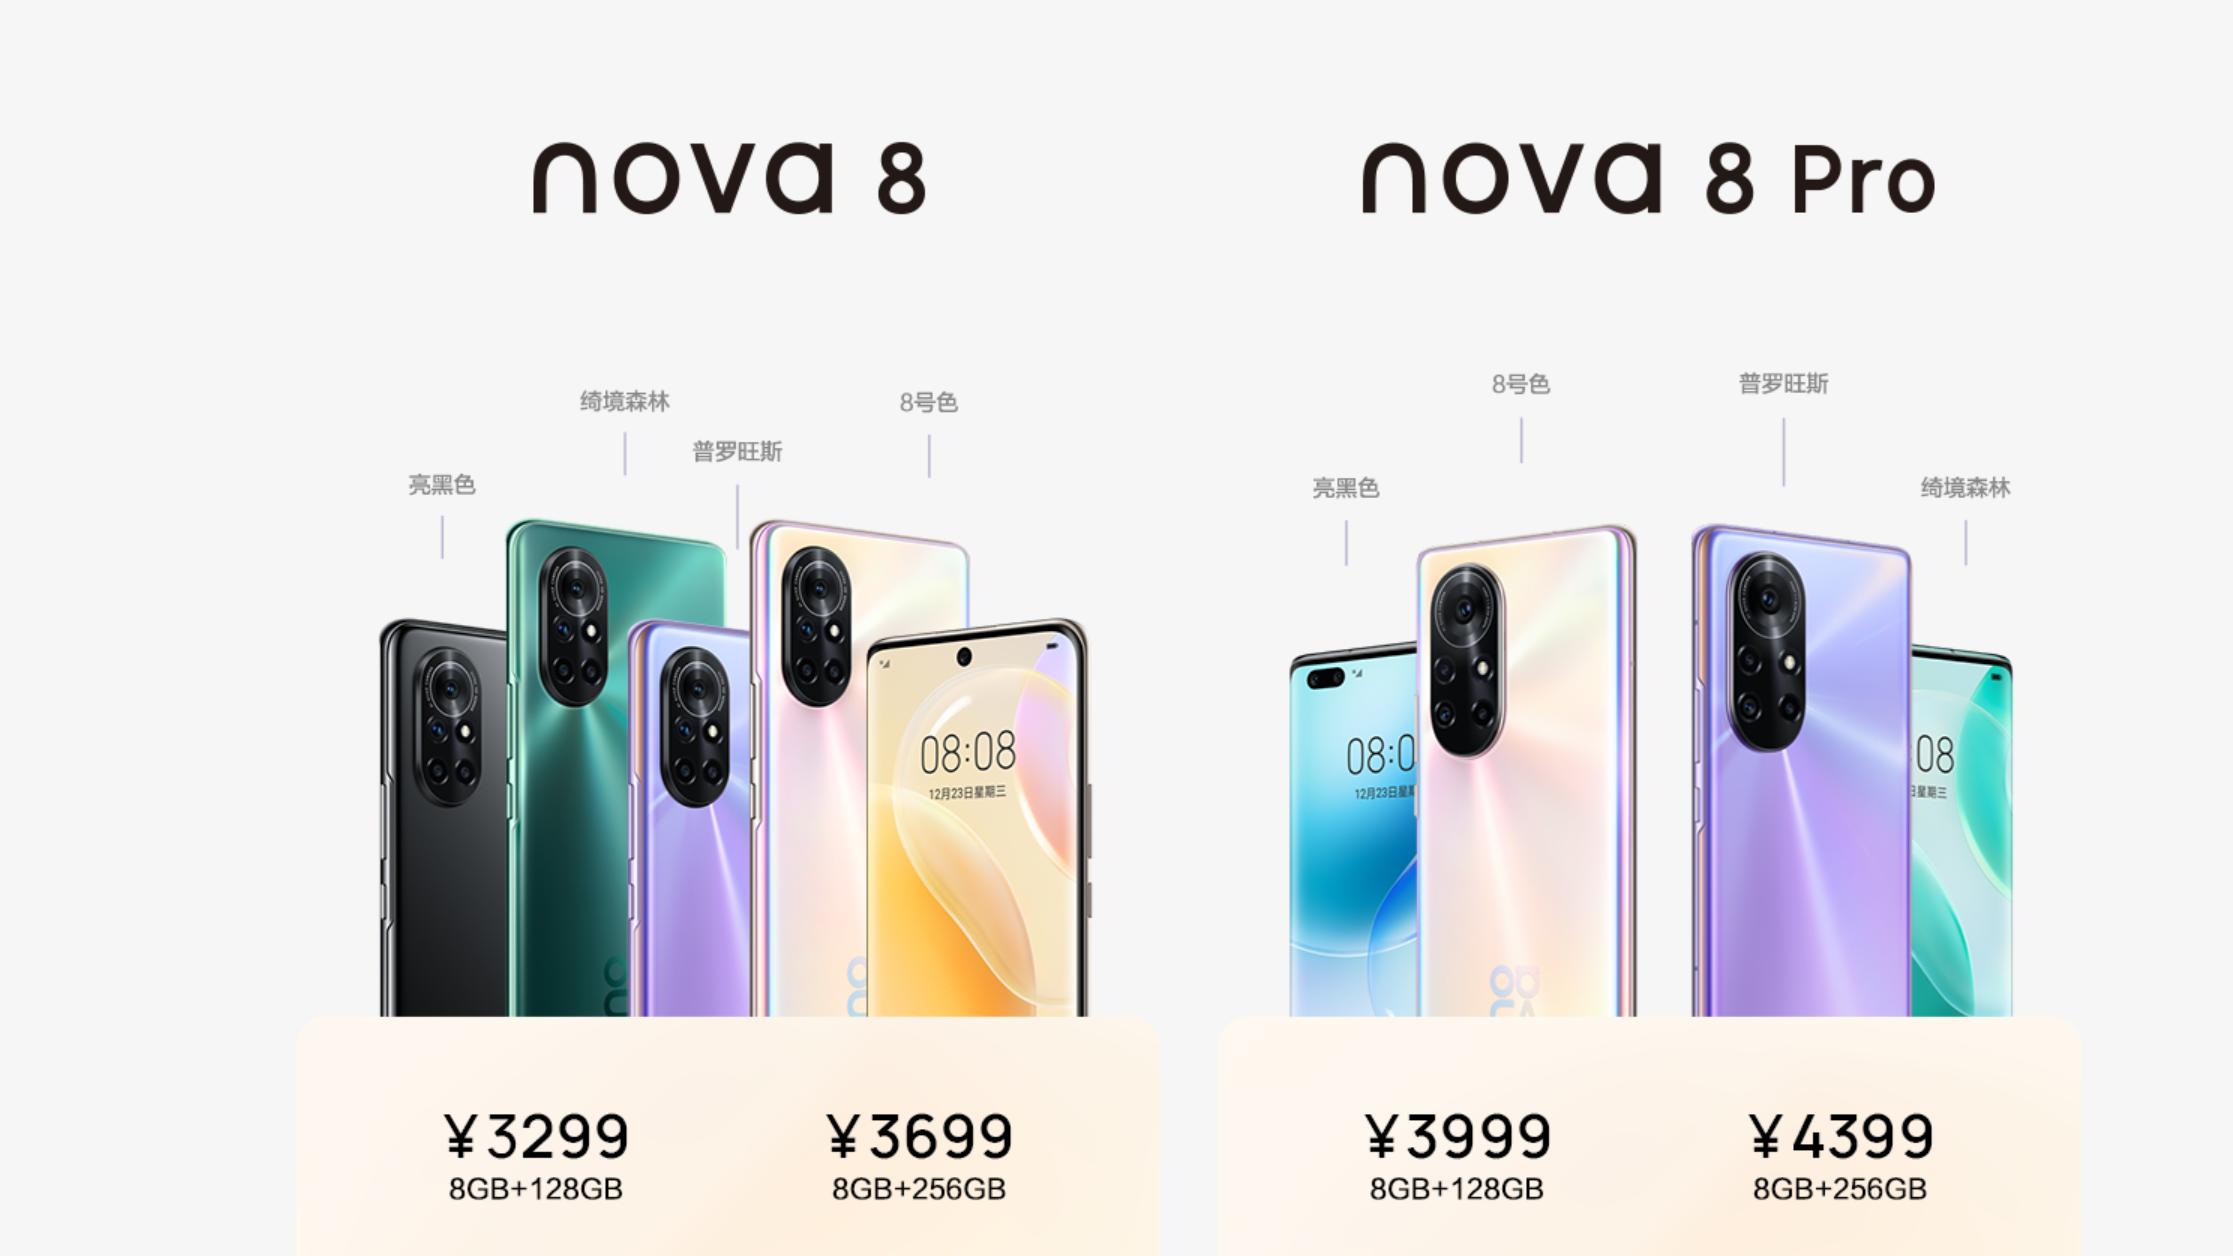 实锤!华为nova8 Pro将推《王者荣耀》鲁班限定版